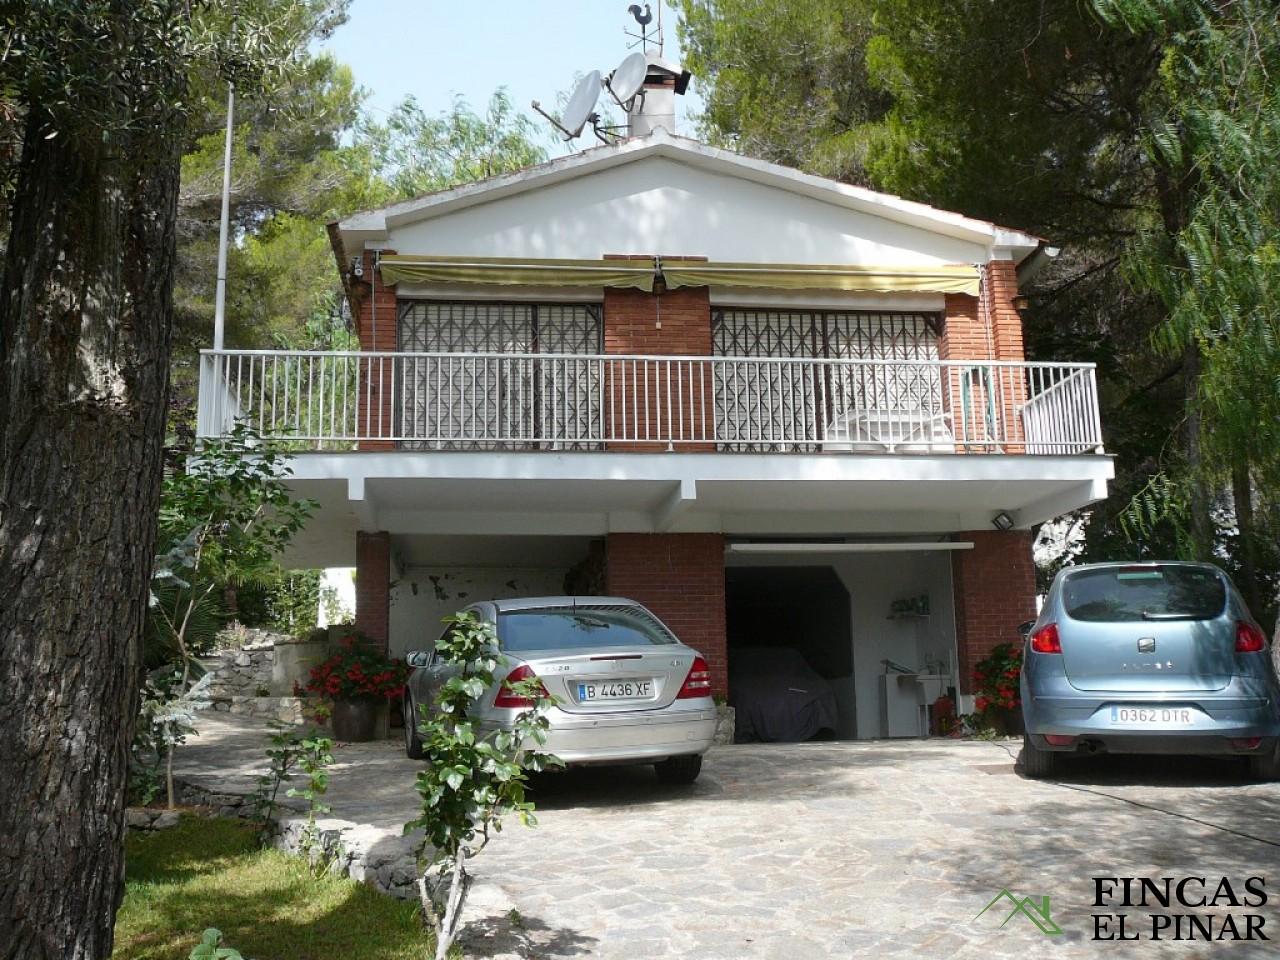 Casa con piscina y gran jardin en alquiler olivella pisos for Alquiler de casas con piscina